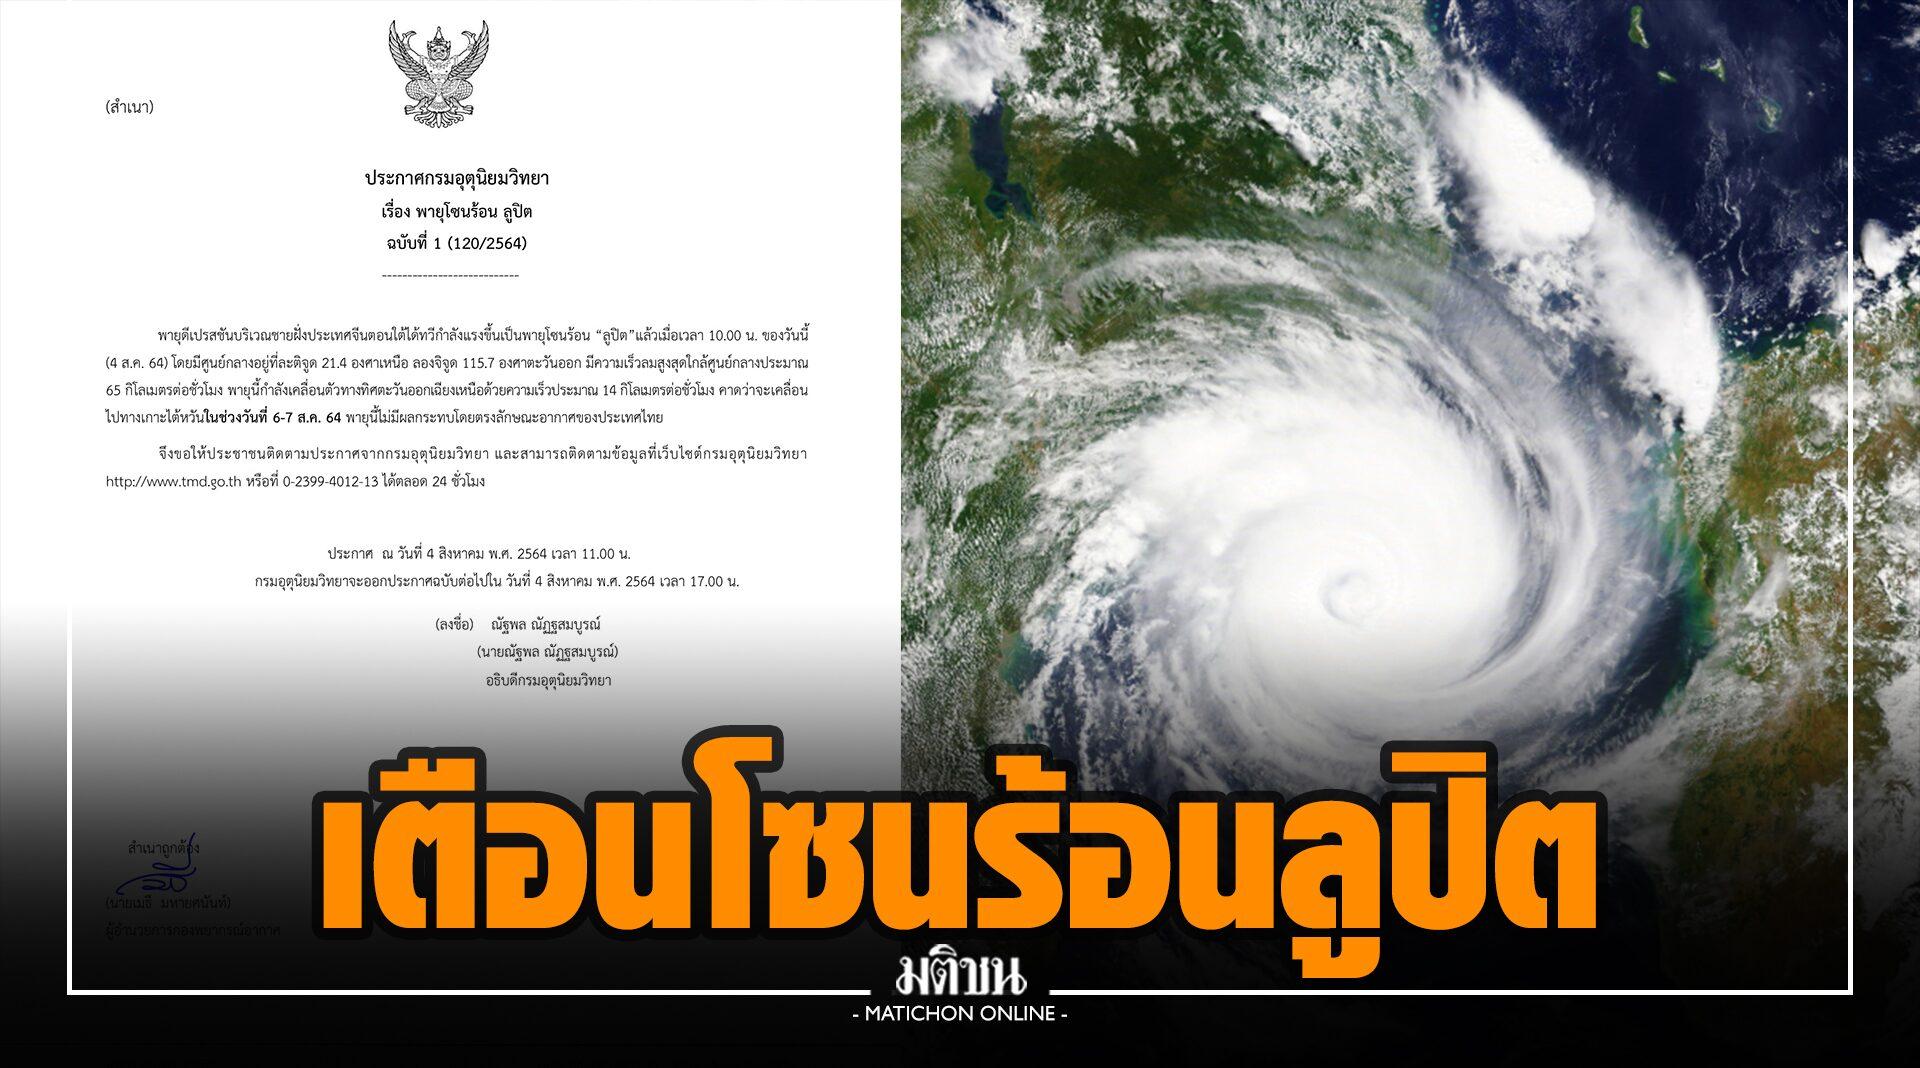 อุตุฯ แย้ม 'โซนร้อนลูปิต' ไม่กระทบไทย คาดเคลื่อนไปทางเกาะไต้หวันช่วง 6-7 ส.ค.นี้